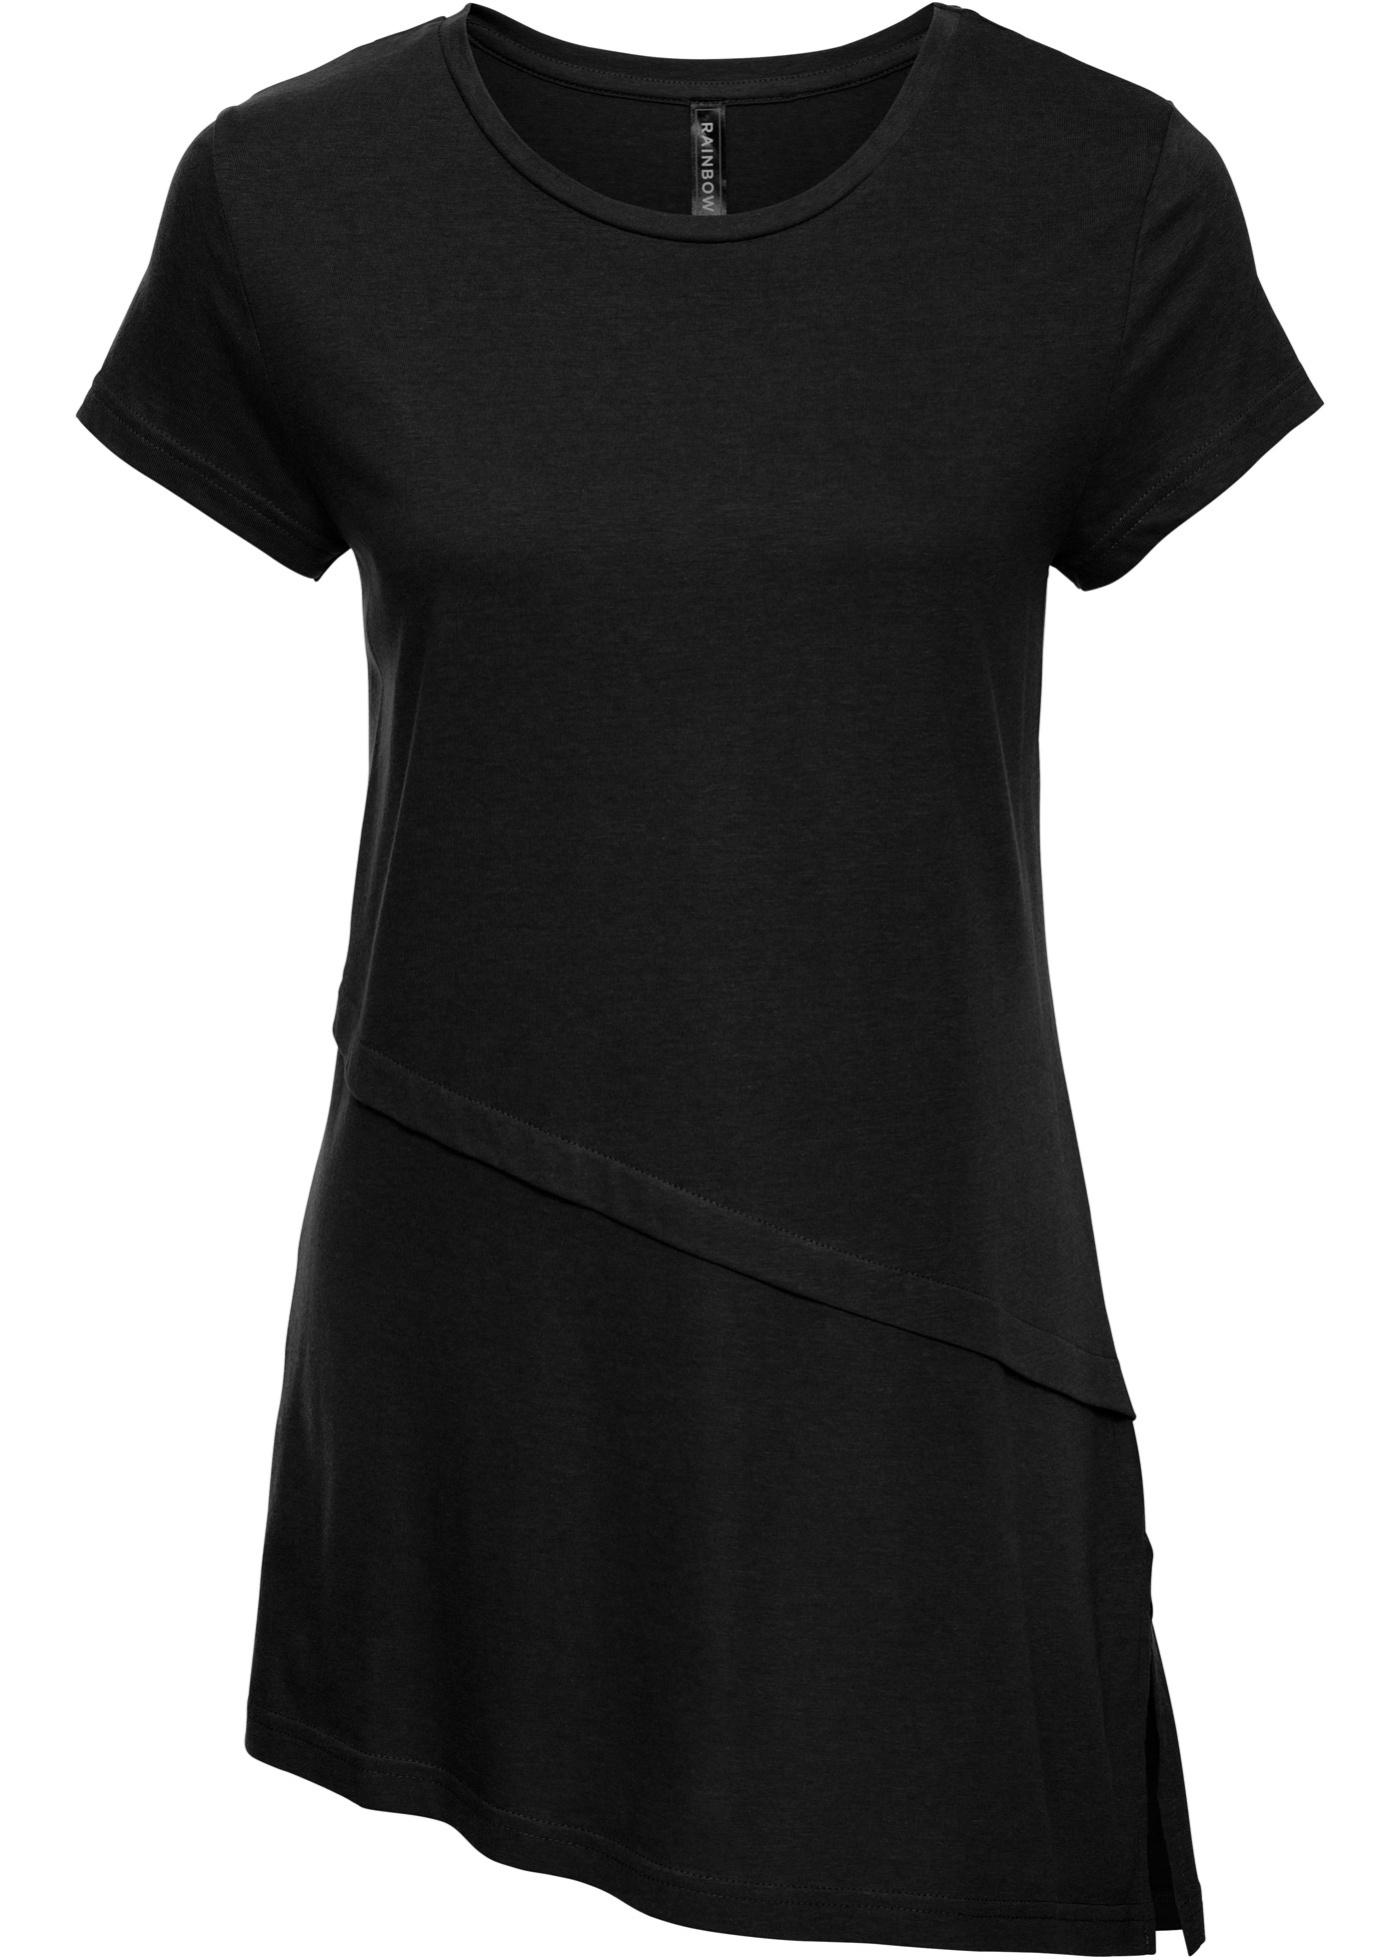 Manches Pour Rainbow BonprixT Courtes Femme shirt Asymétrique Noir BrsdhtQCx